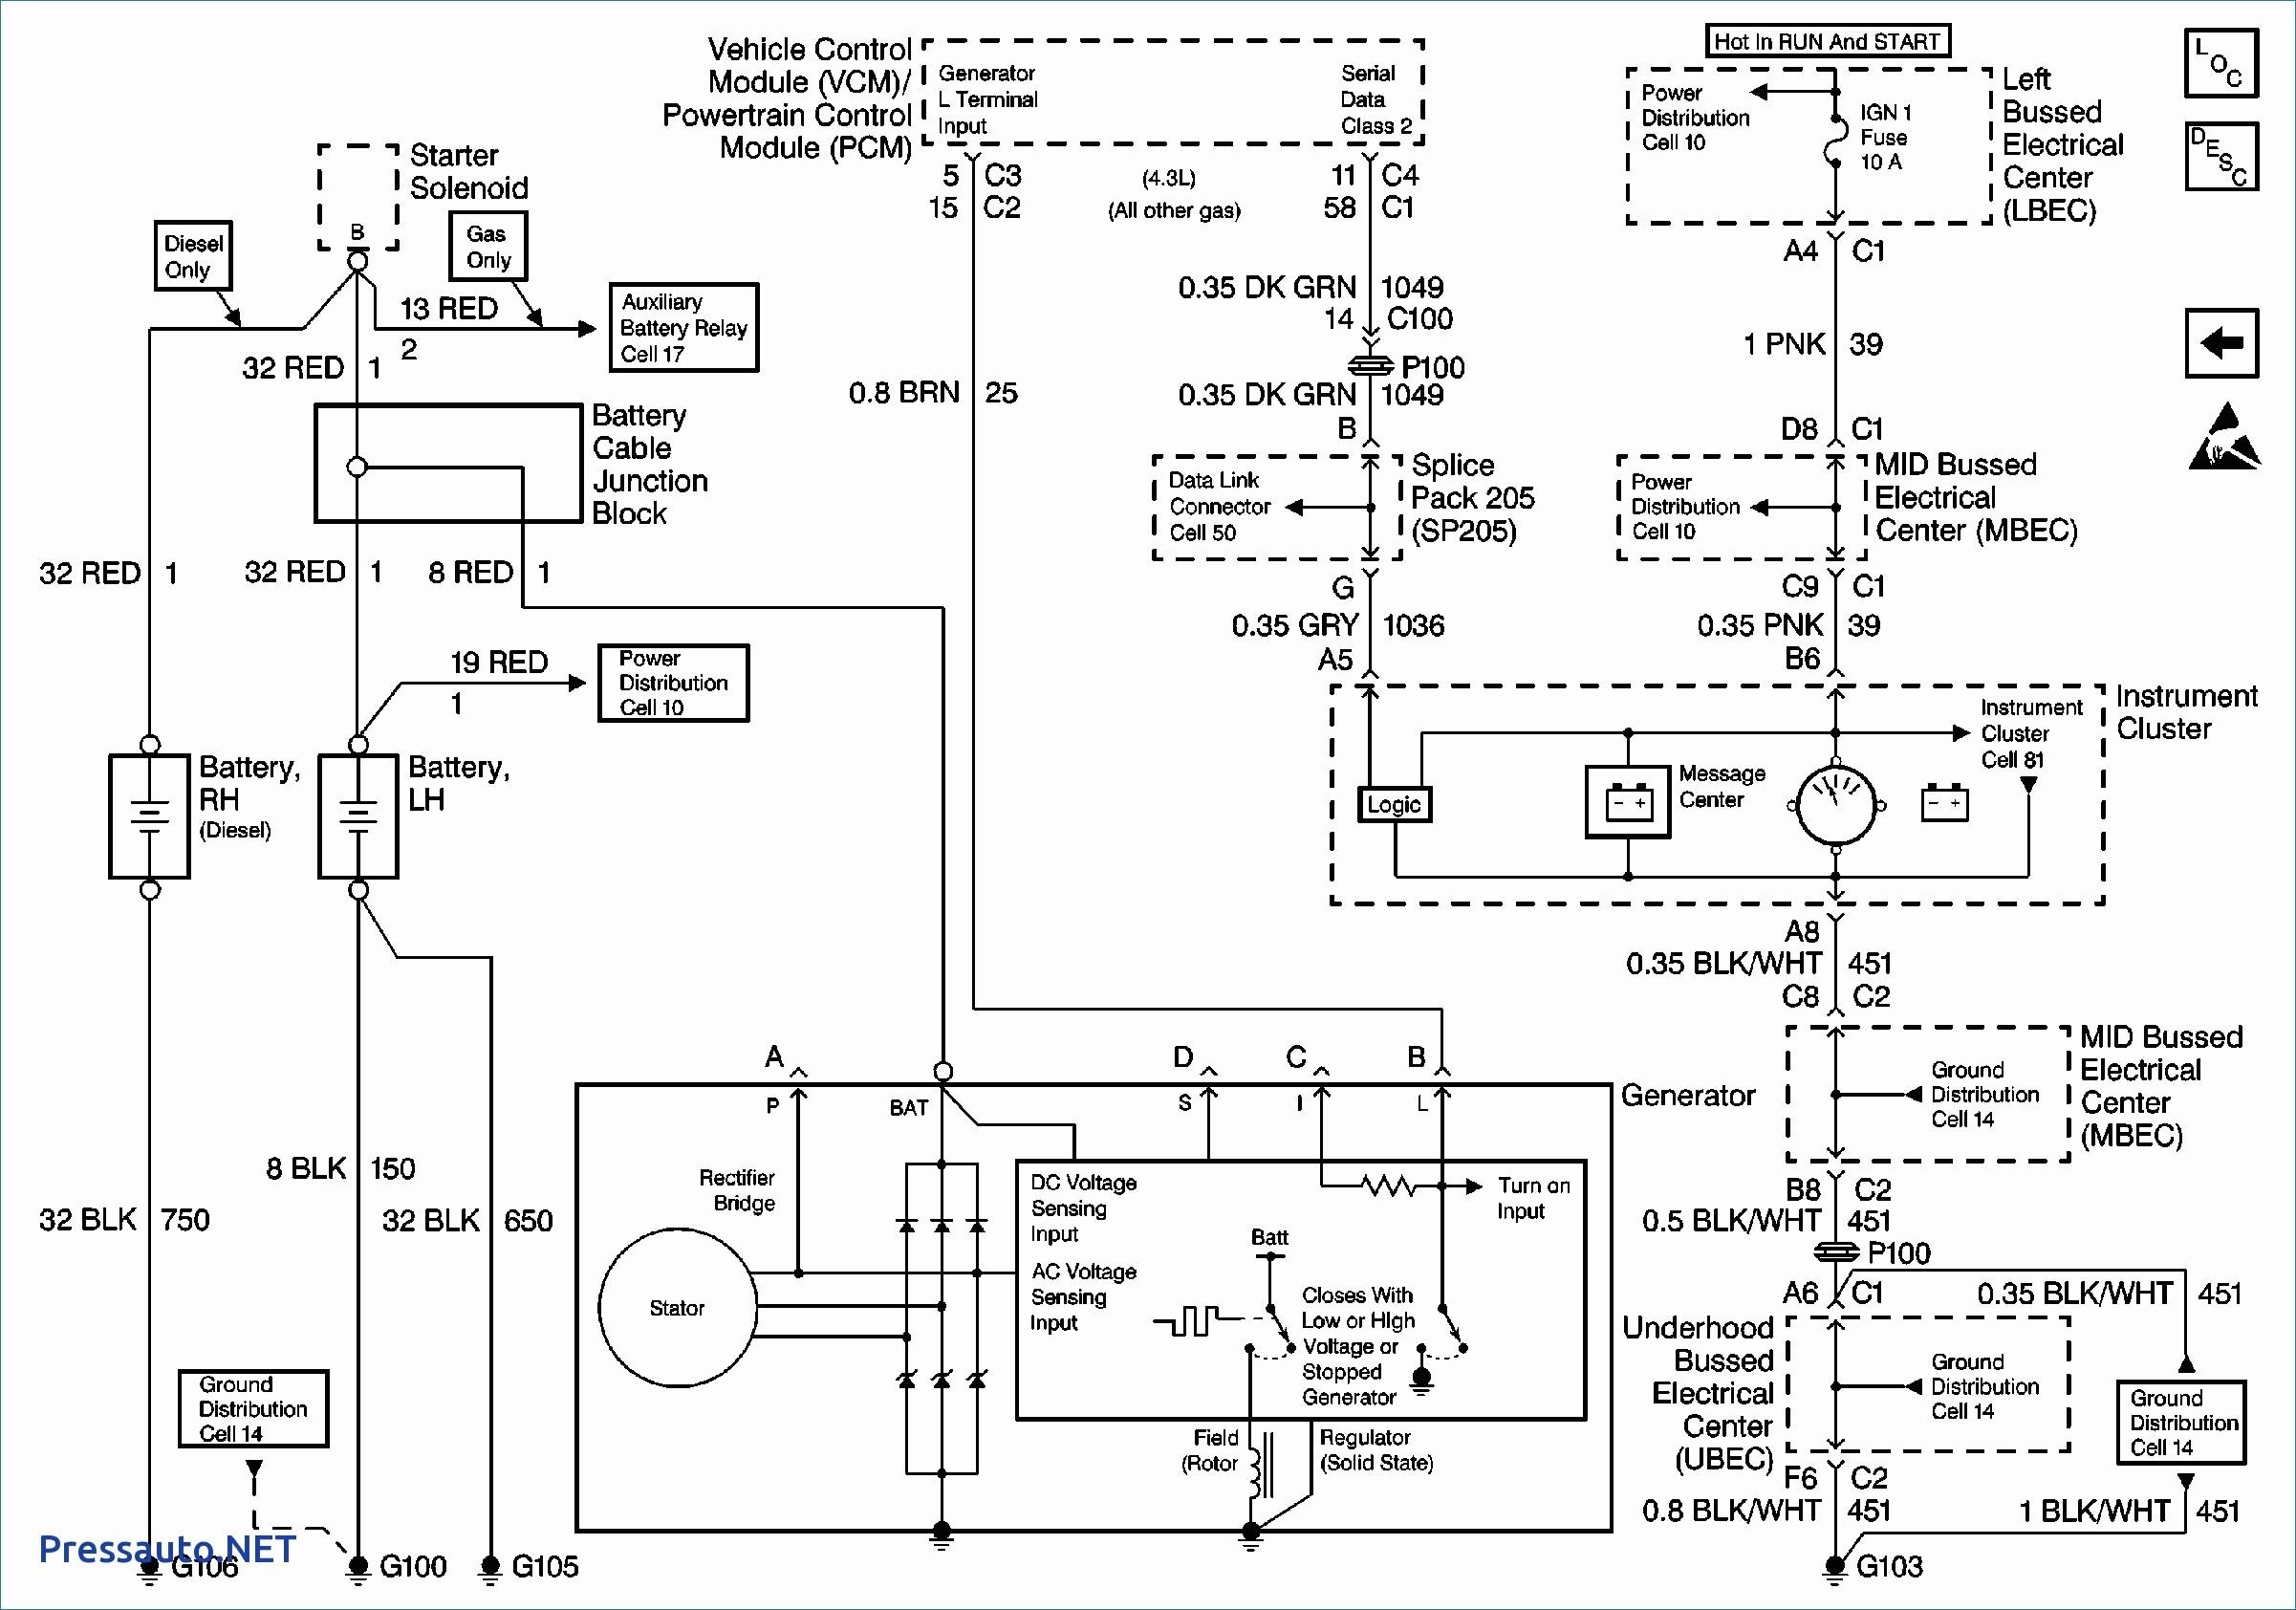 2003 Chevy Silverado Wiring Diagram Ground Trusted Diagrams 2009 Radio Diy Enthusiasts